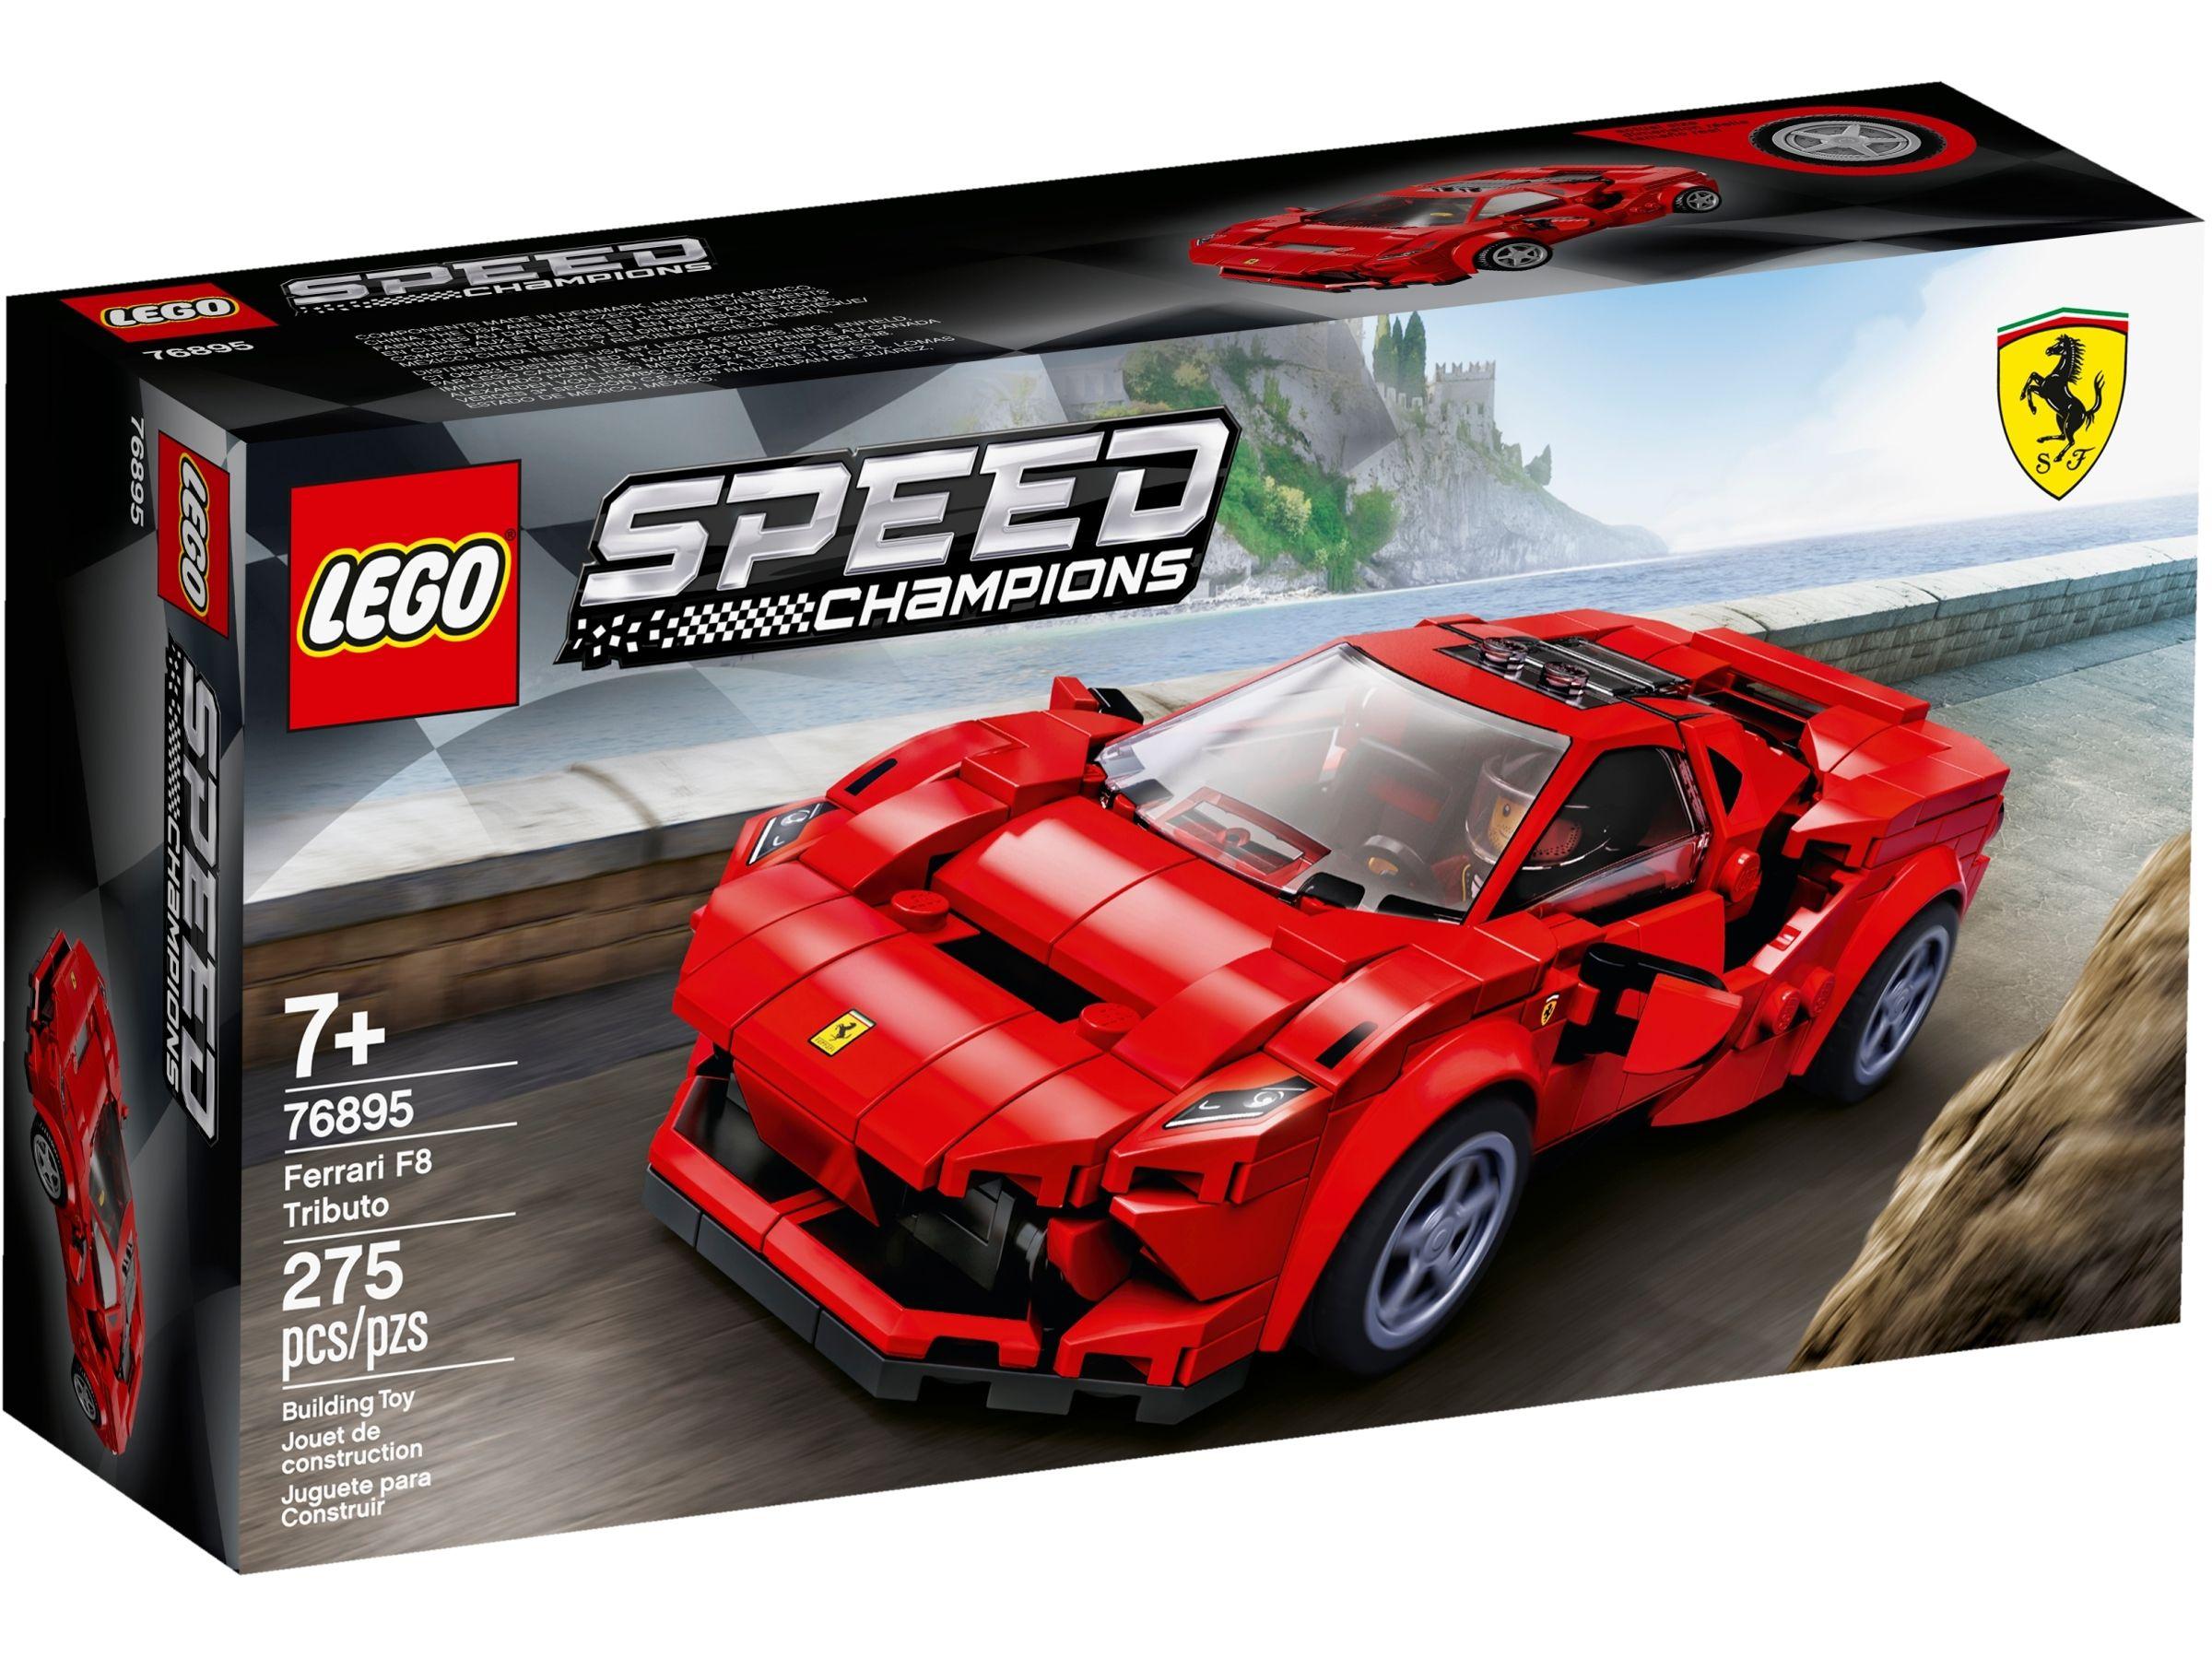 (Prime) LEGO 76895 Speed Champions Ferrari F8